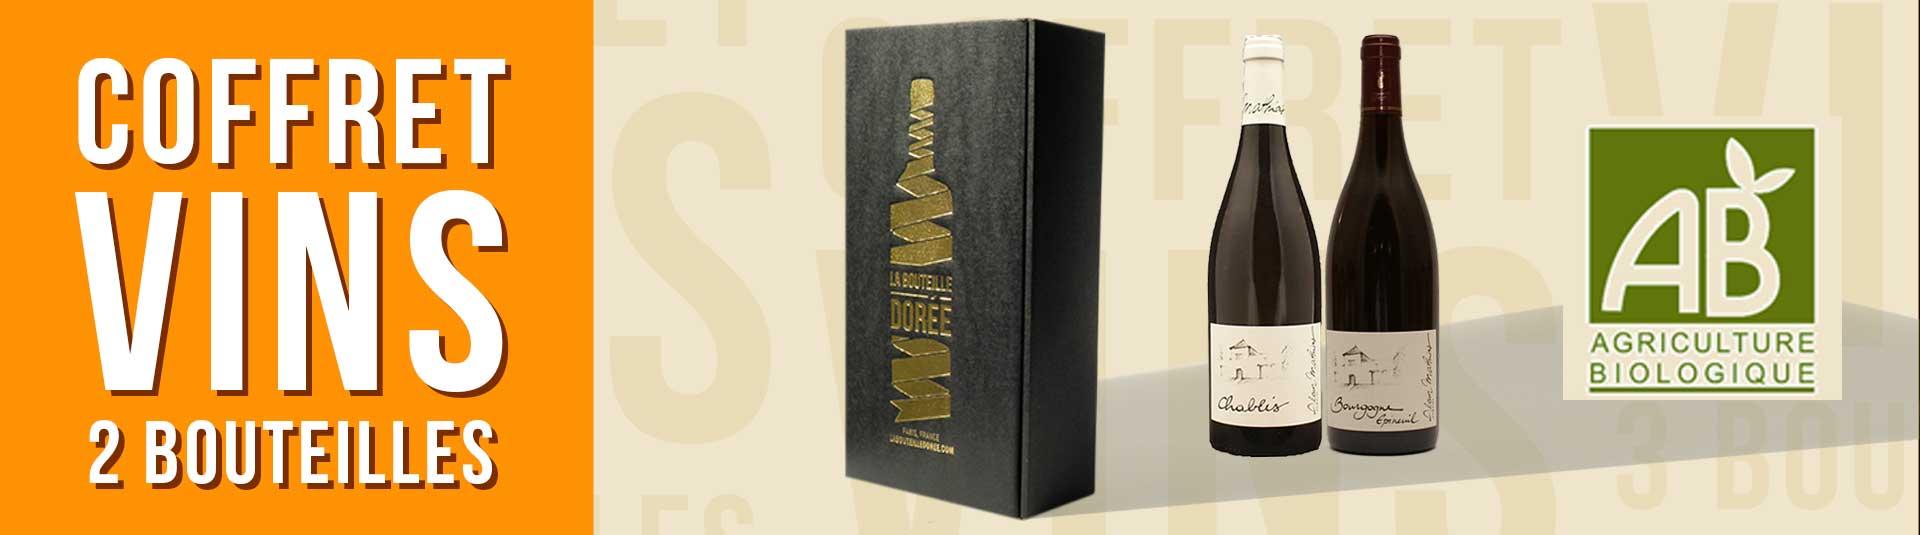 Coffret vin Bourgogne BIO 2 bouteilles